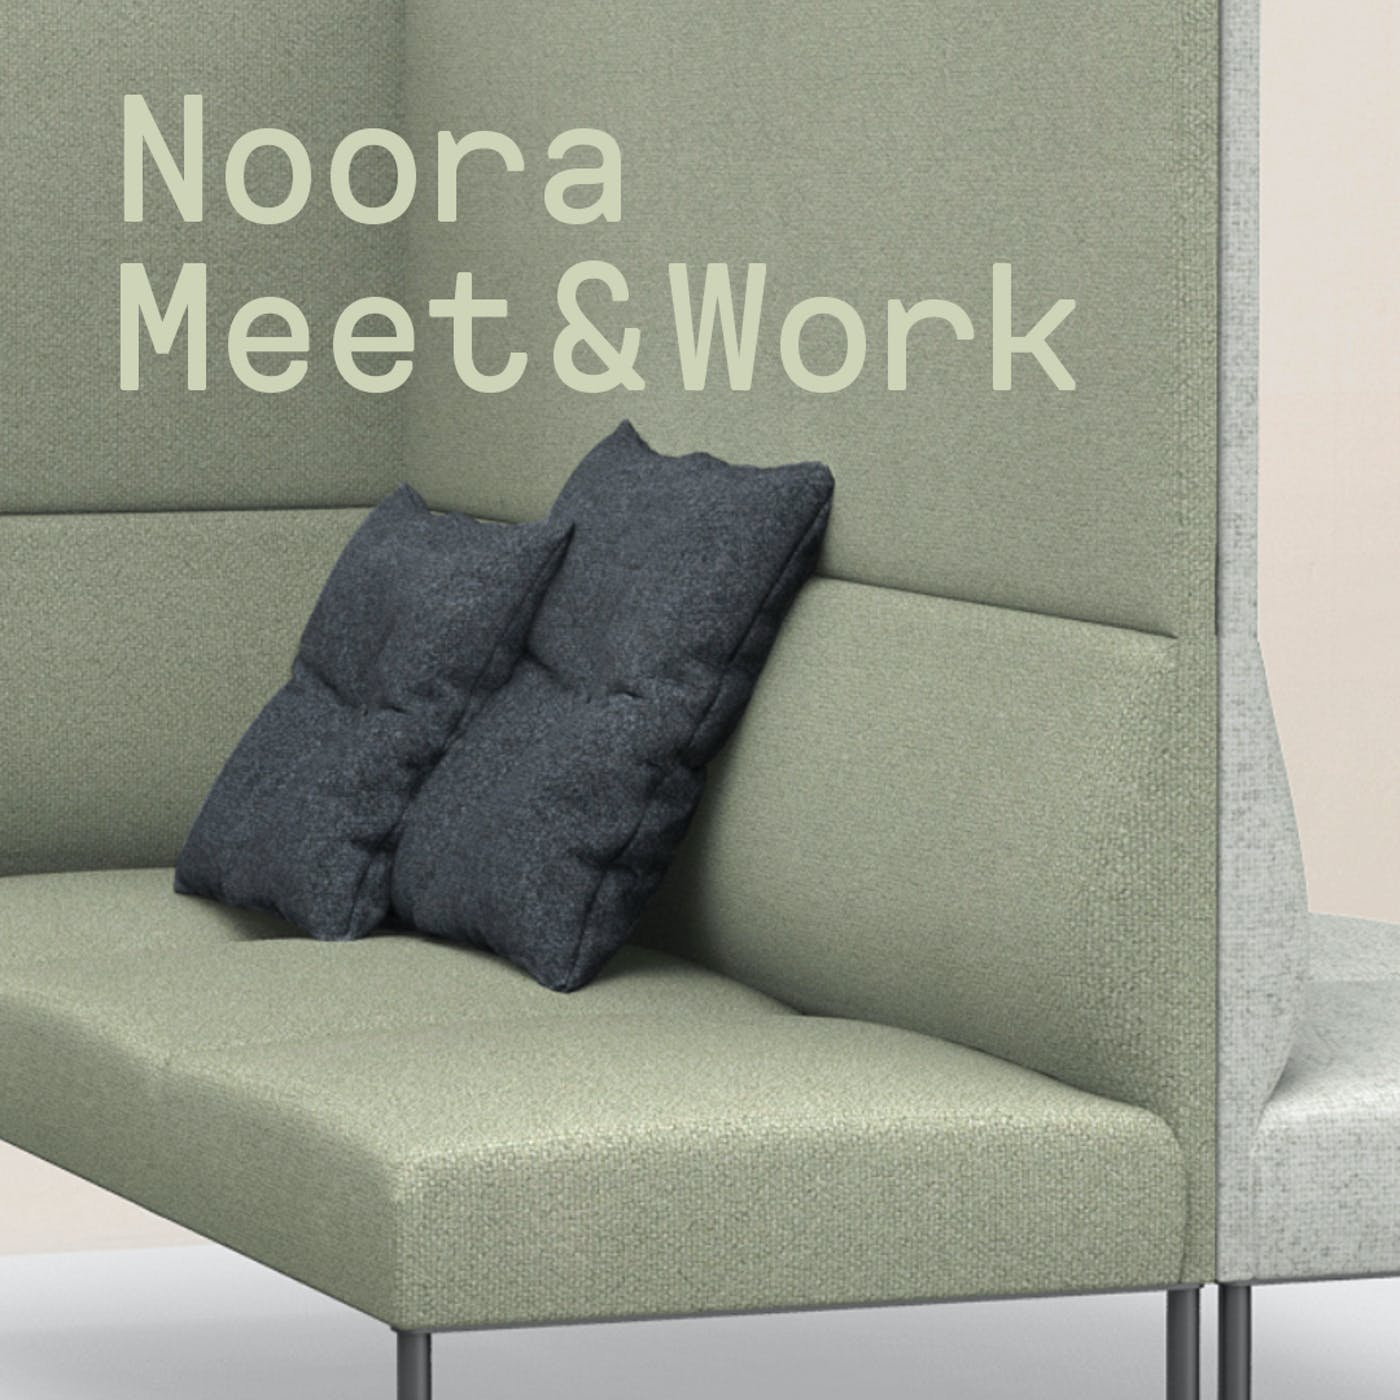 Noora Martela 01 text 1080x1080px High resolution jpg 2000 px